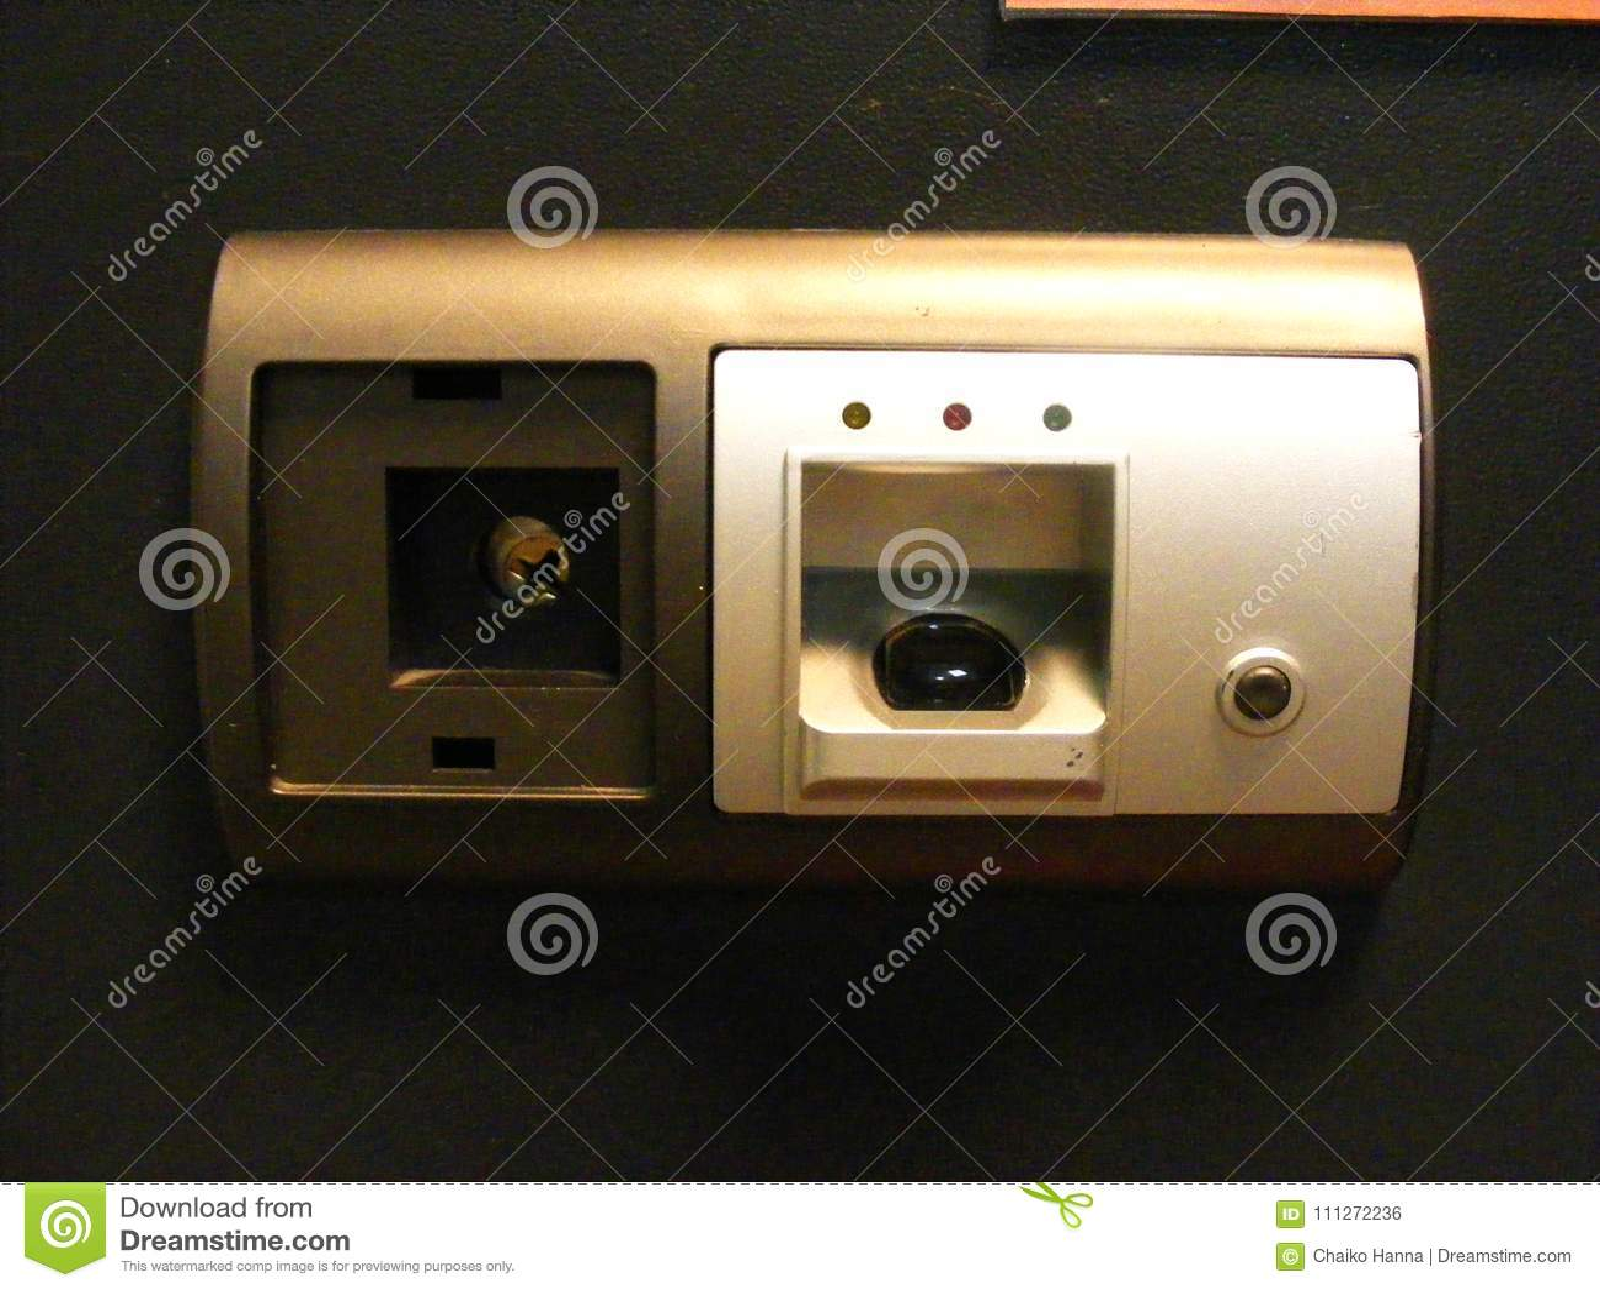 Βιομετρική ασφαλής κλειδαριά, ανίχνευση δακτυλικών αποτυπωμάτων και κωδικός πρόσβασης